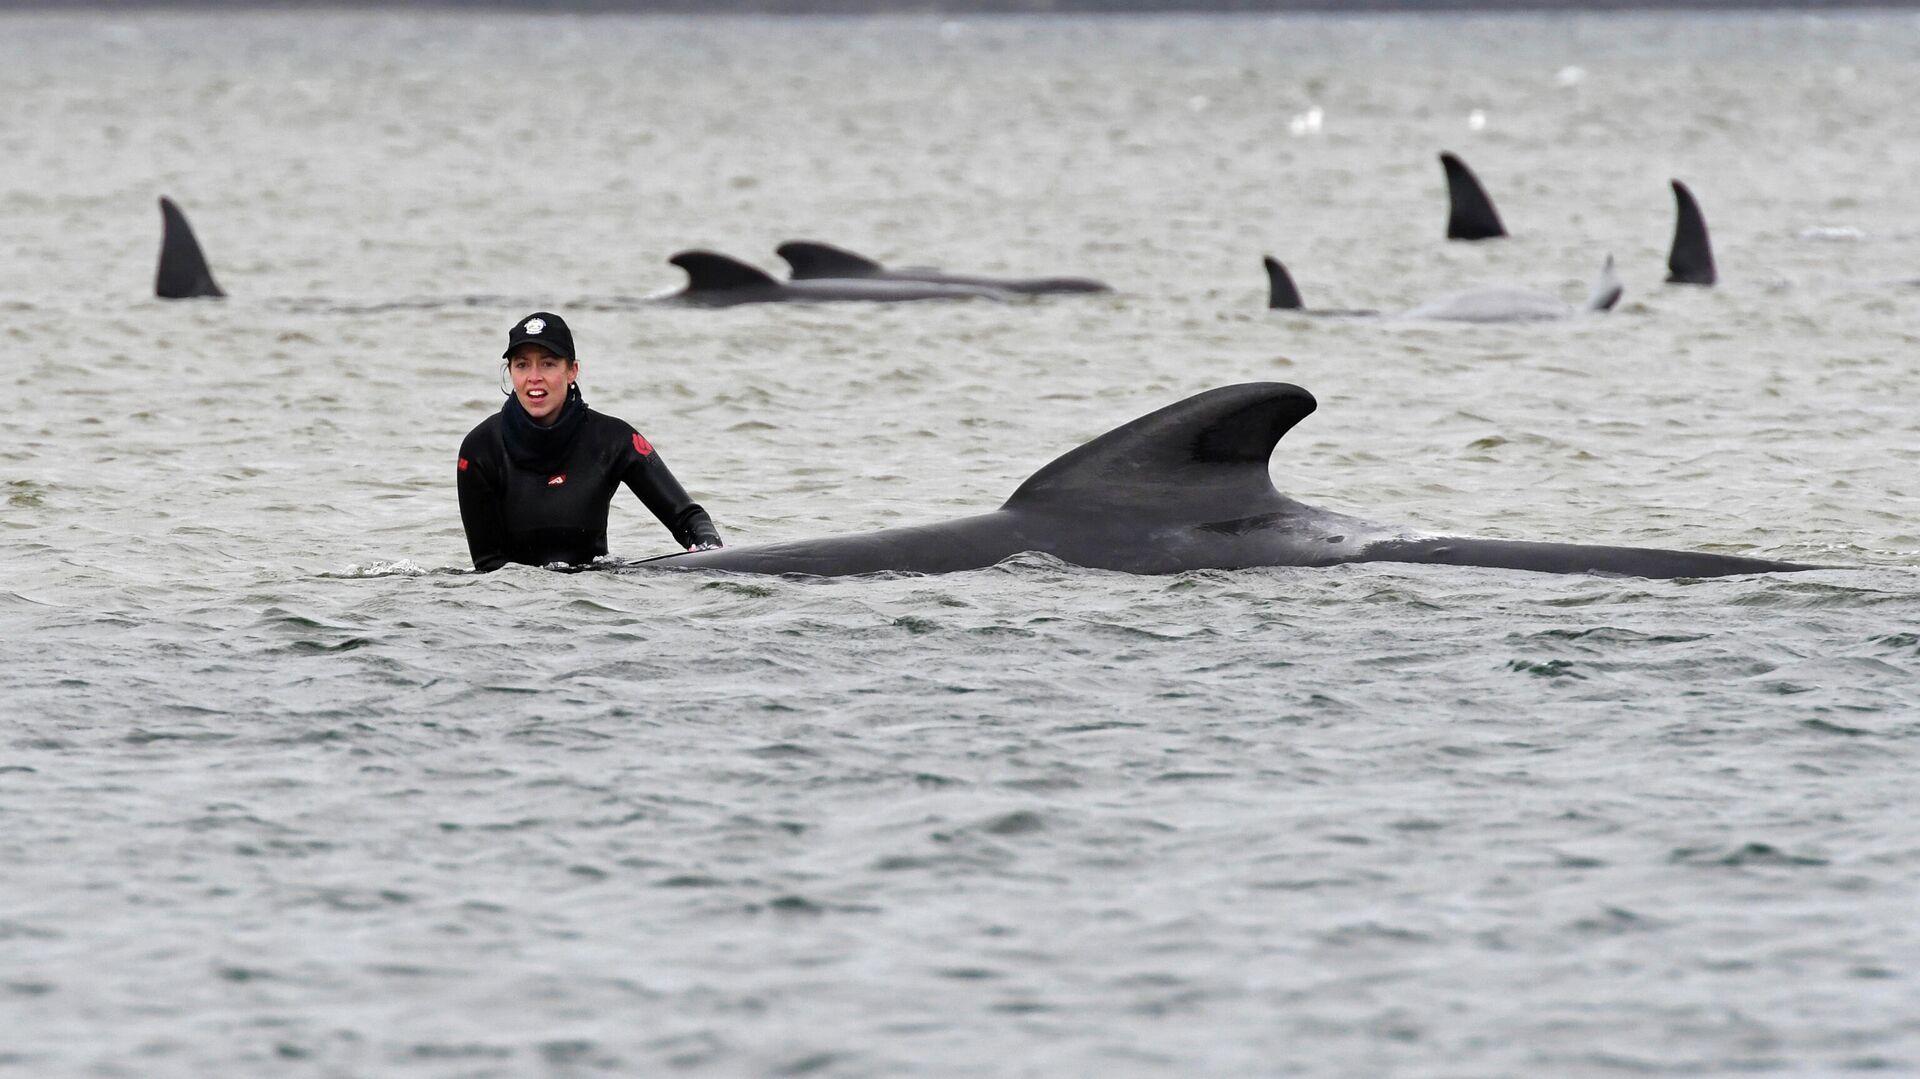 Операция по спасению дельфинов, выбросившихся на отмель у западного побережья австралийского штата Тасмания - РИА Новости, 1920, 25.09.2020